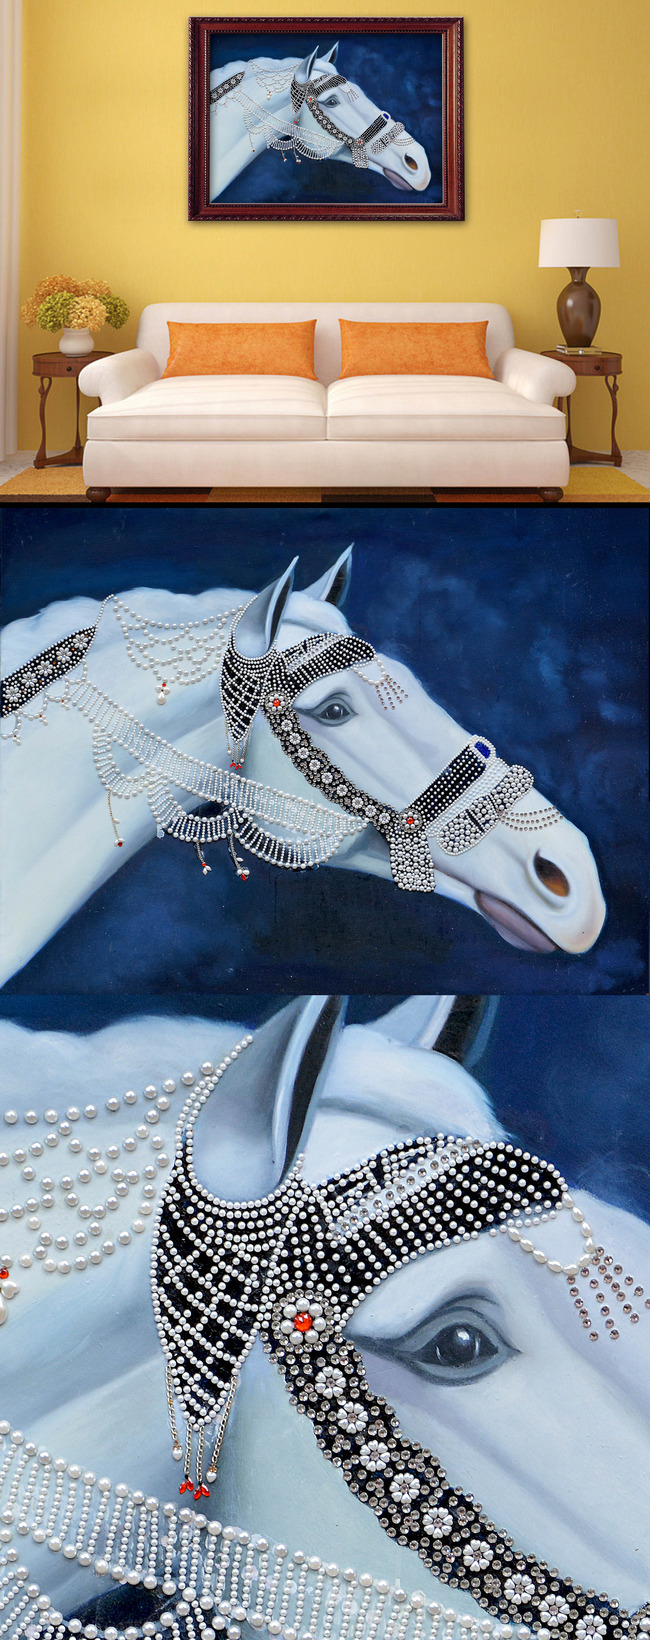 骏马手绘马头装饰画